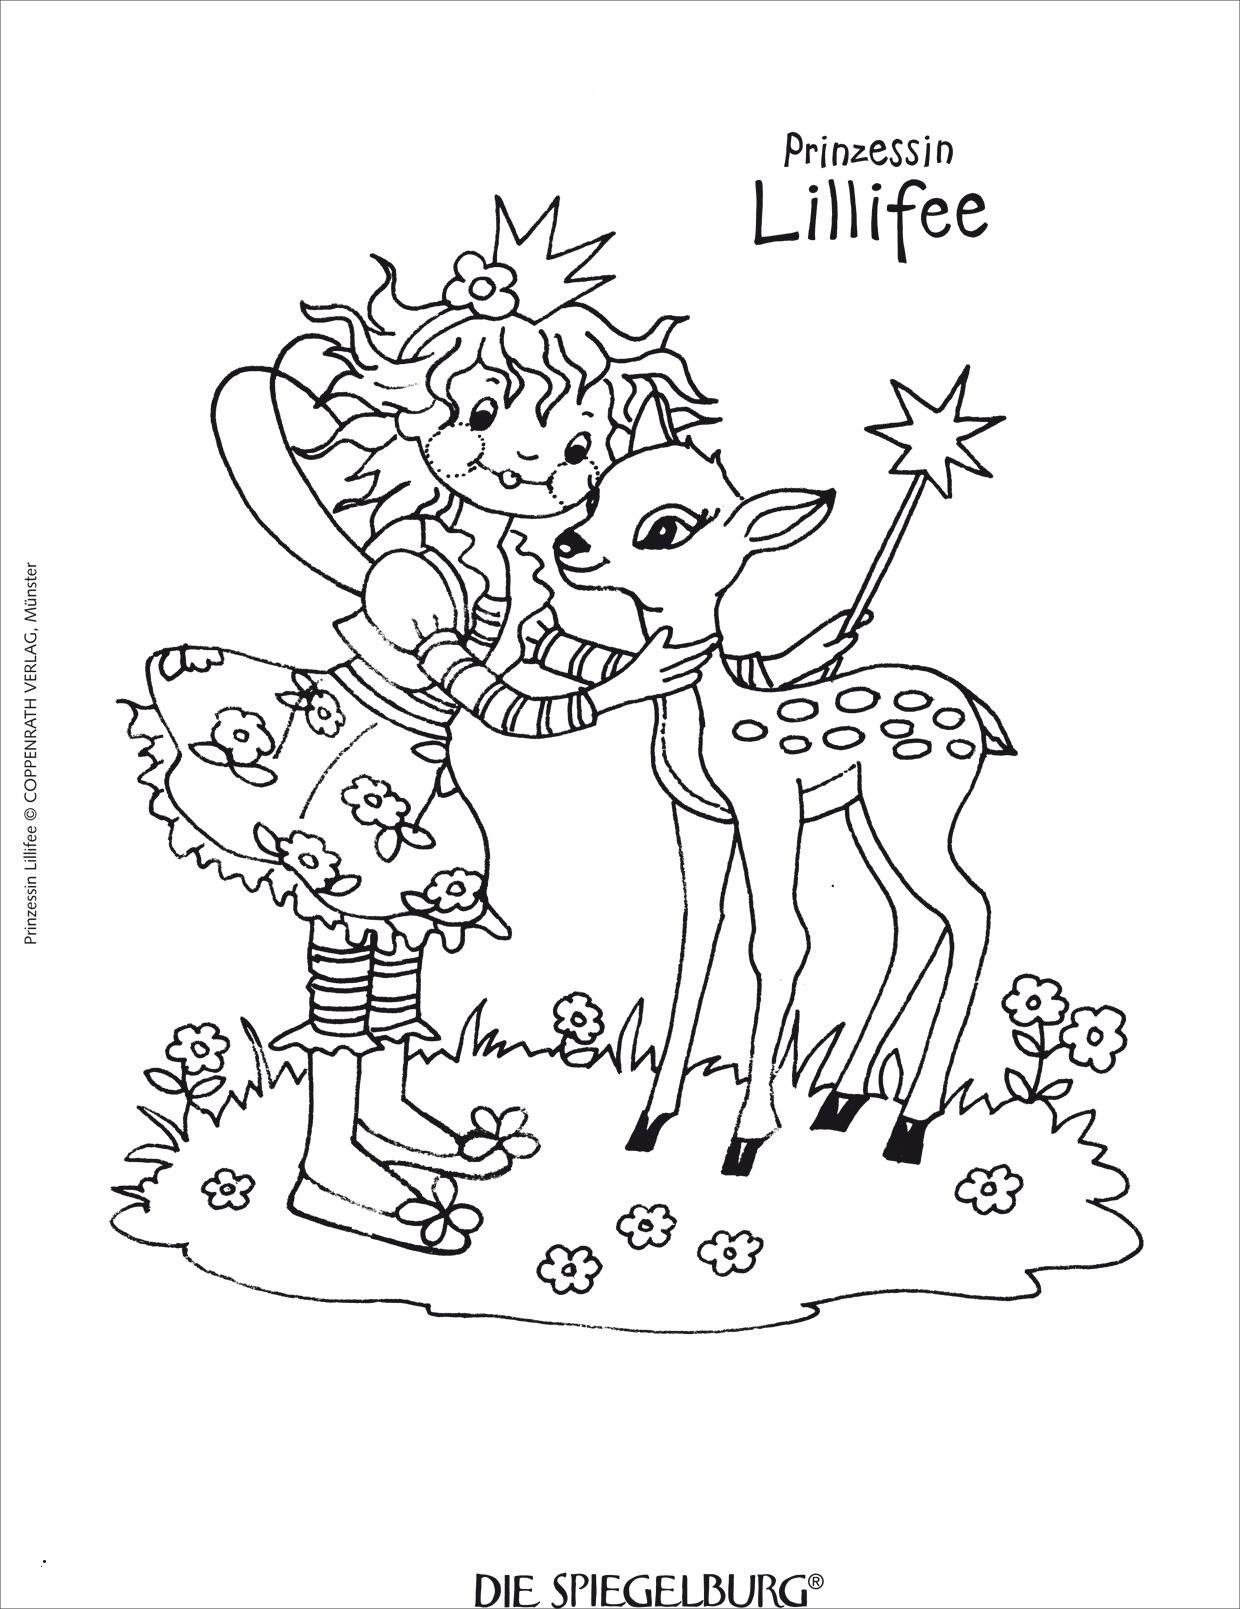 52 Das Konzept Von Ausmalbilder Einhorn Lillifee treehouse nyc